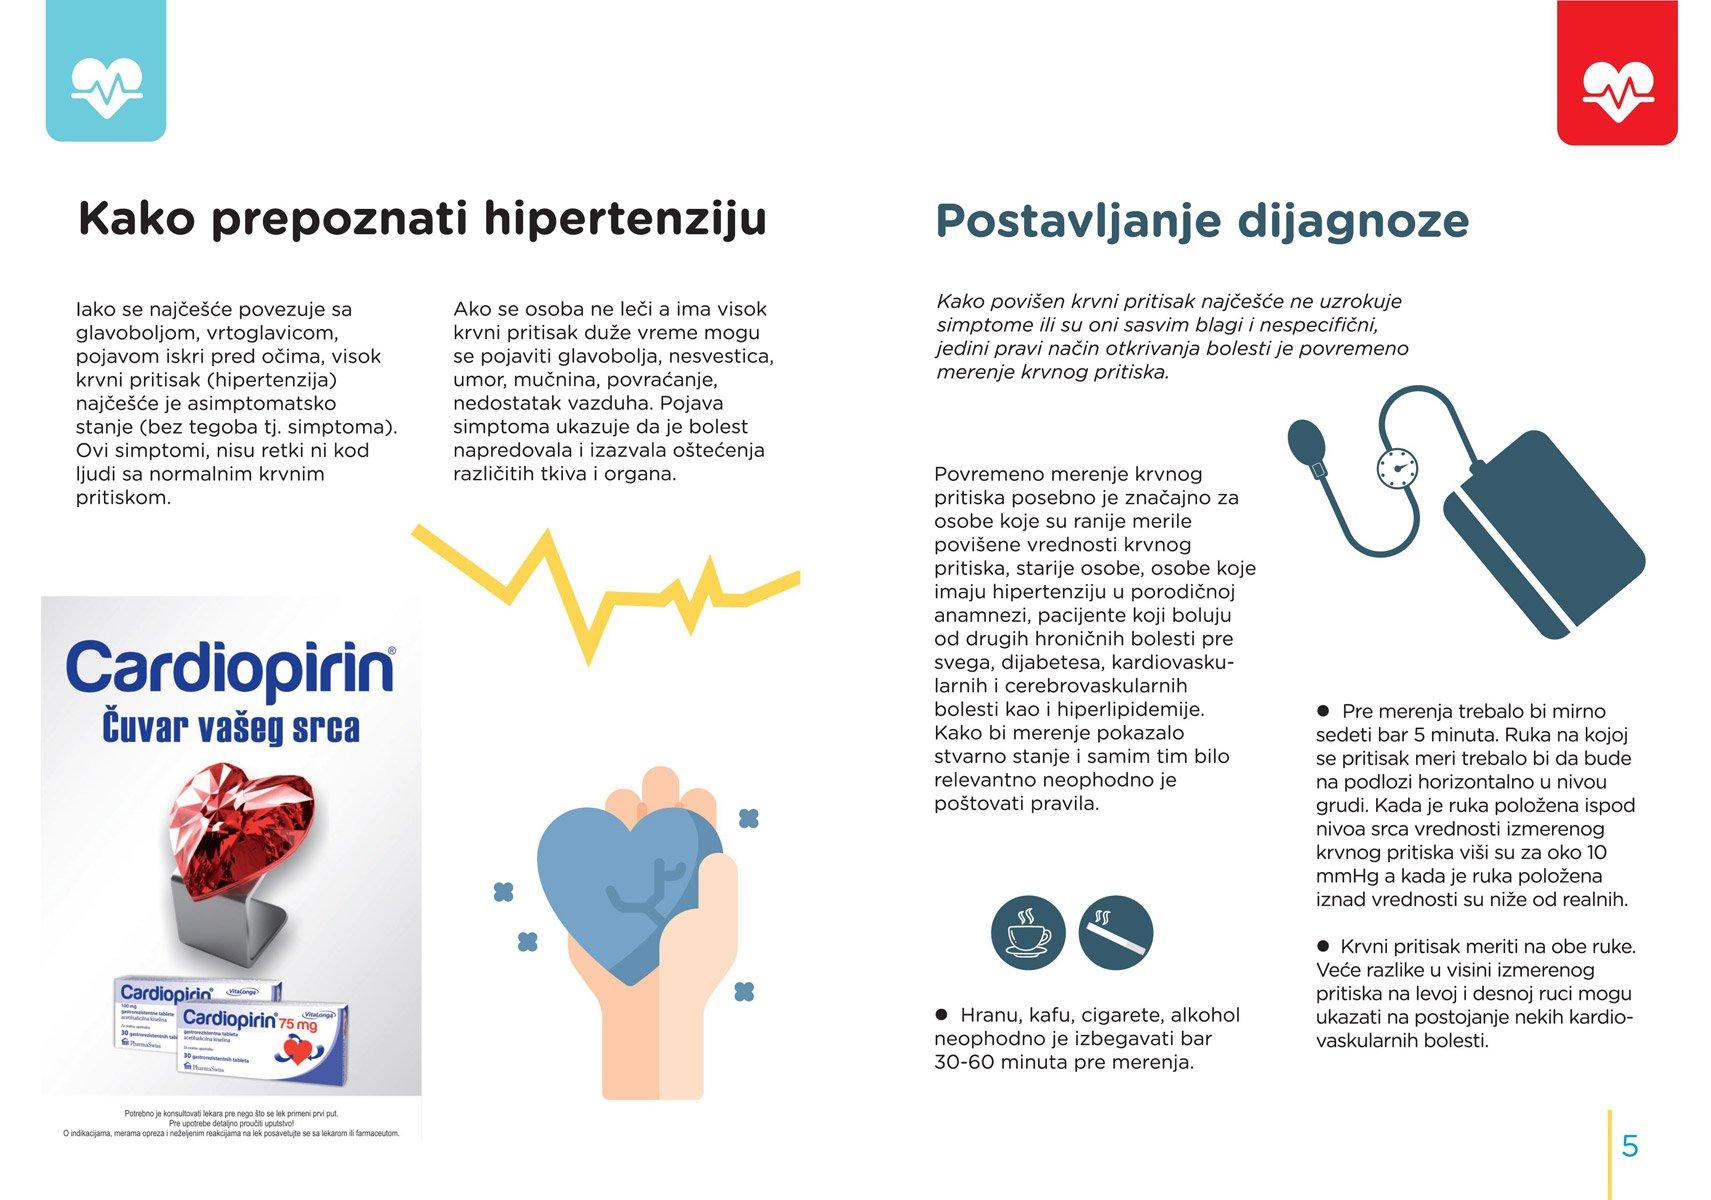 hipertenzija je srce